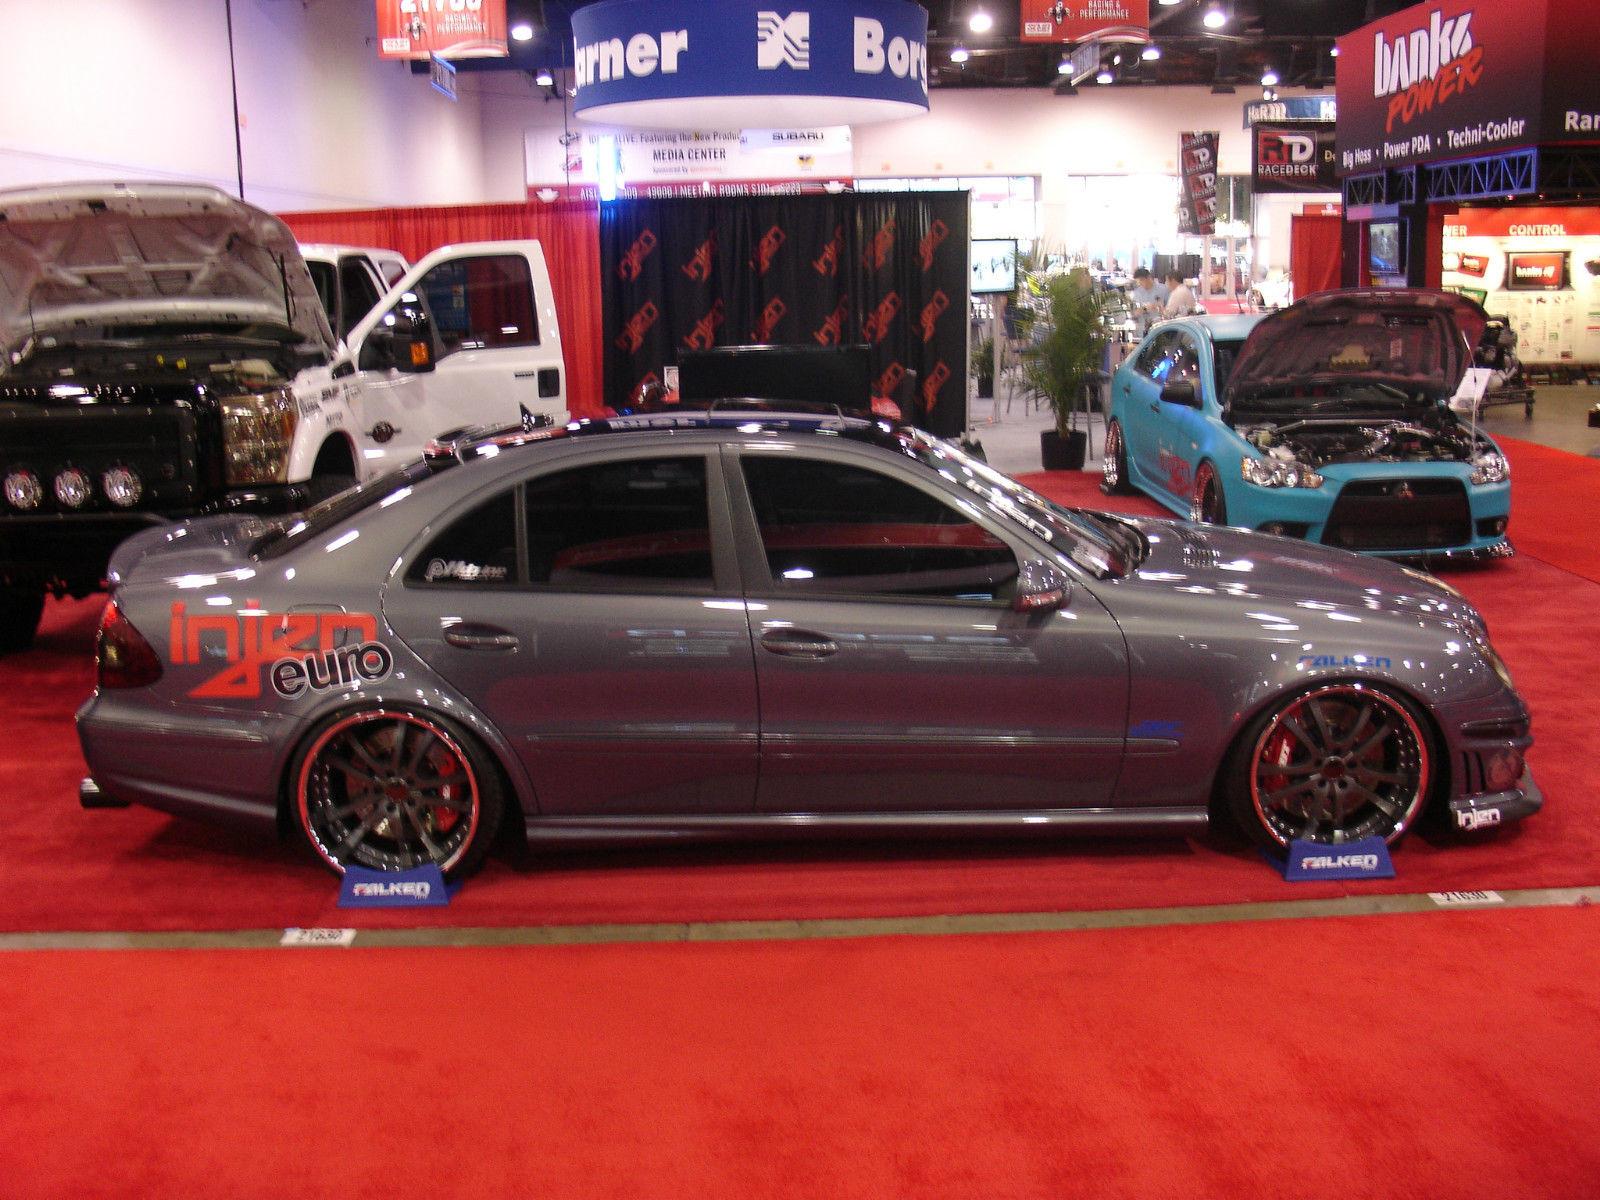 2011 Mercedes S550 >> Mercedes-Benz W211 E550 Stance | BENZTUNING